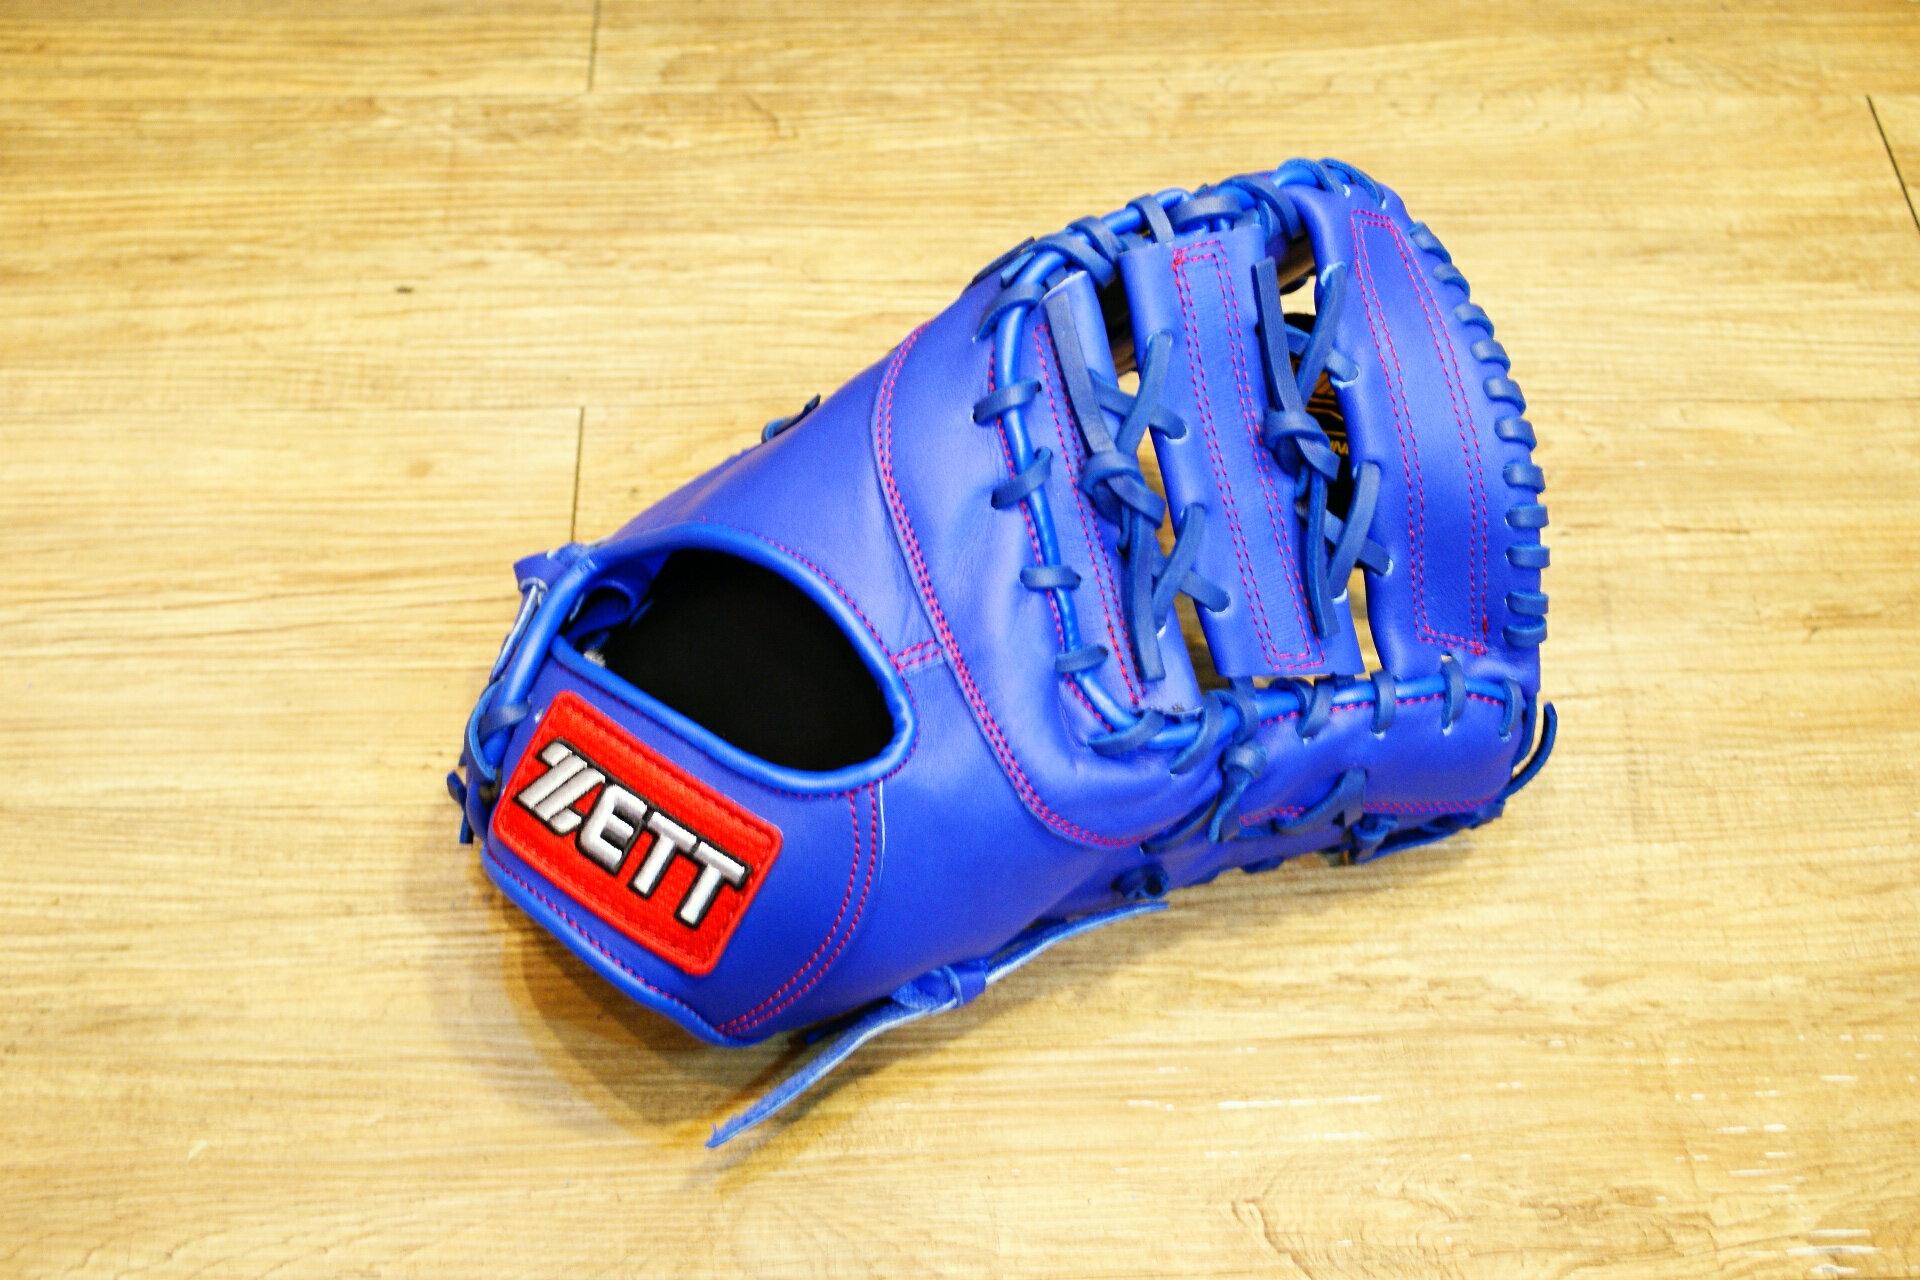 棒球世界 全新ZETT棒球一壘手手套 藍色 特價 加送手套袋 8703 系列